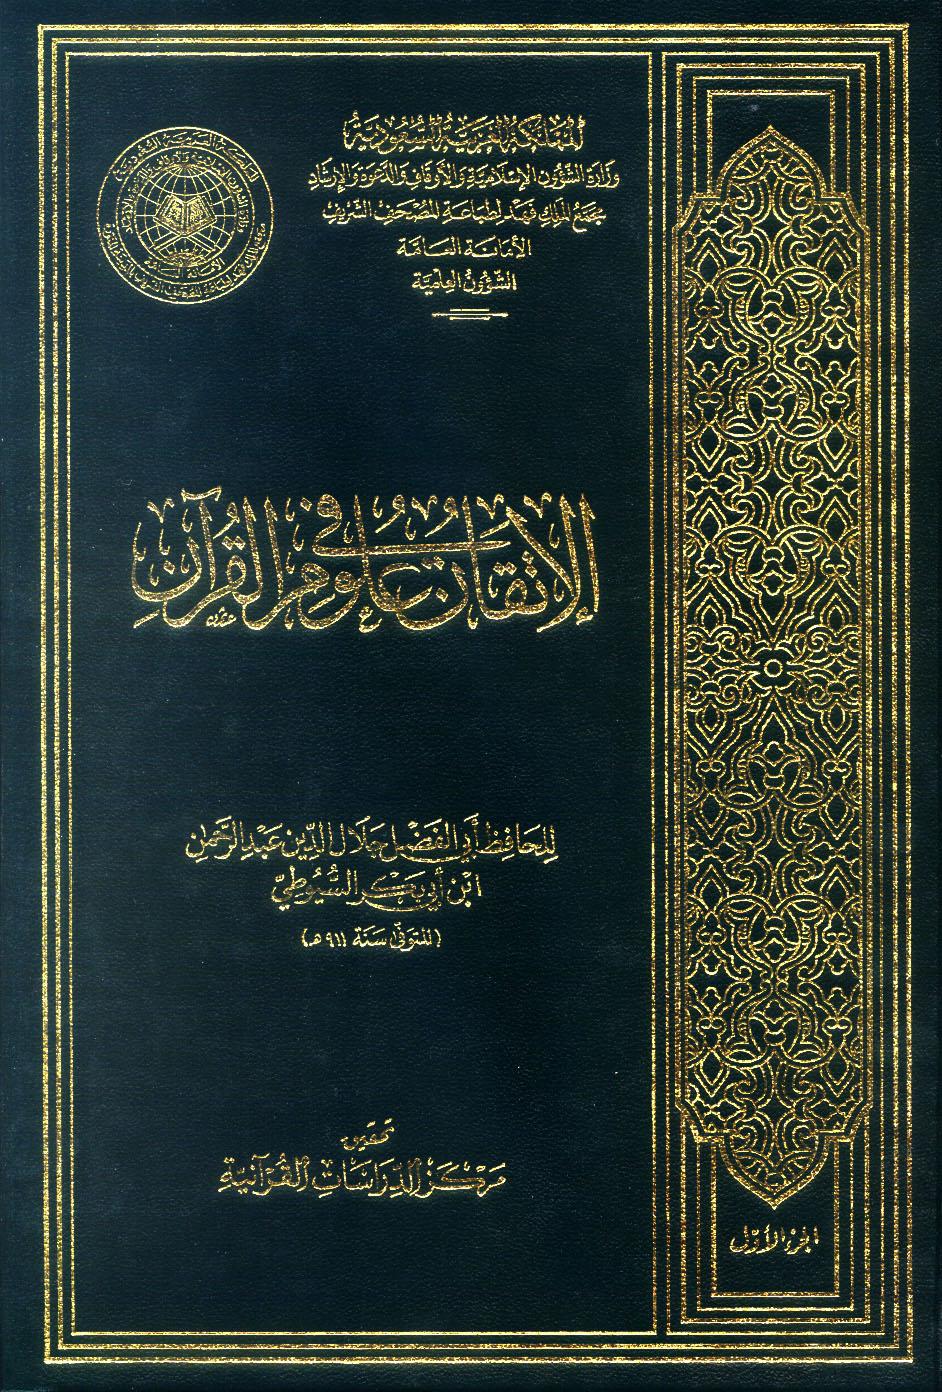 تحميل كتاب الإتقان في علوم القرآن لـِ: أبو الفضل جلال الدين عبد الرحمن بن أبي بكر السيوطي (ت 911 هـ)